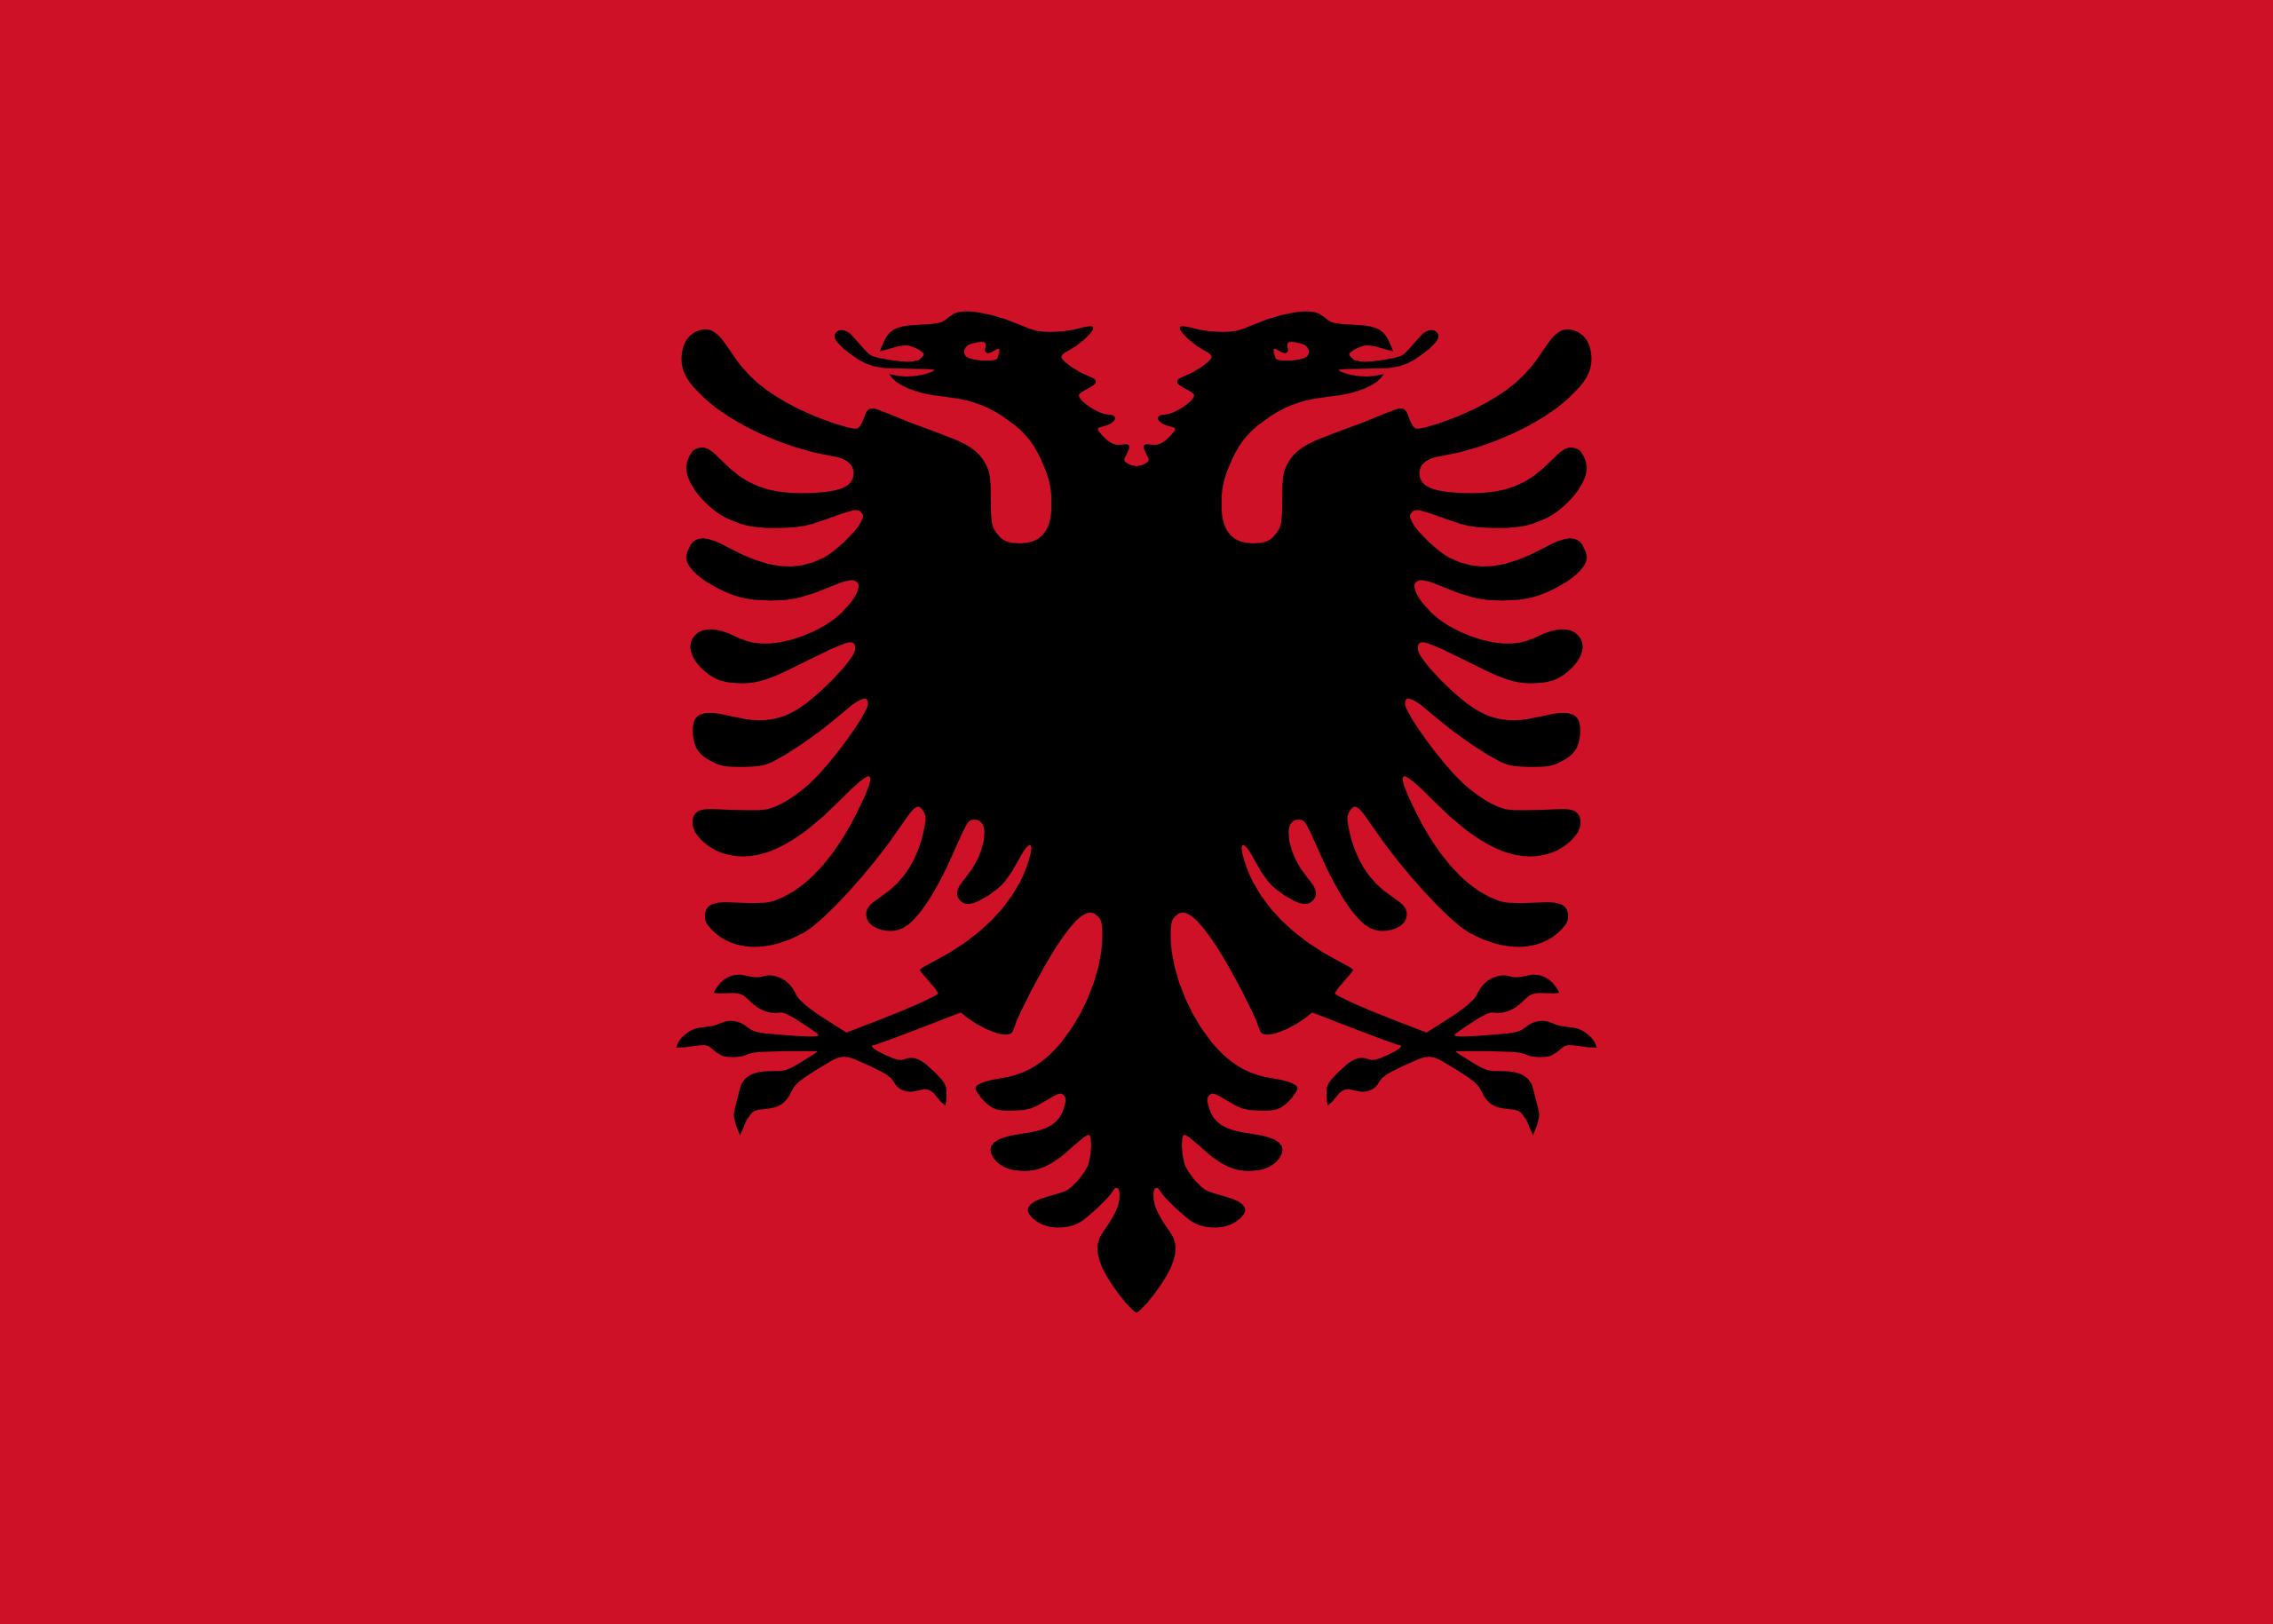 albania, 国, エンブレム, ロゴ, シンボル - HD の壁紙 - 教授-falken.com